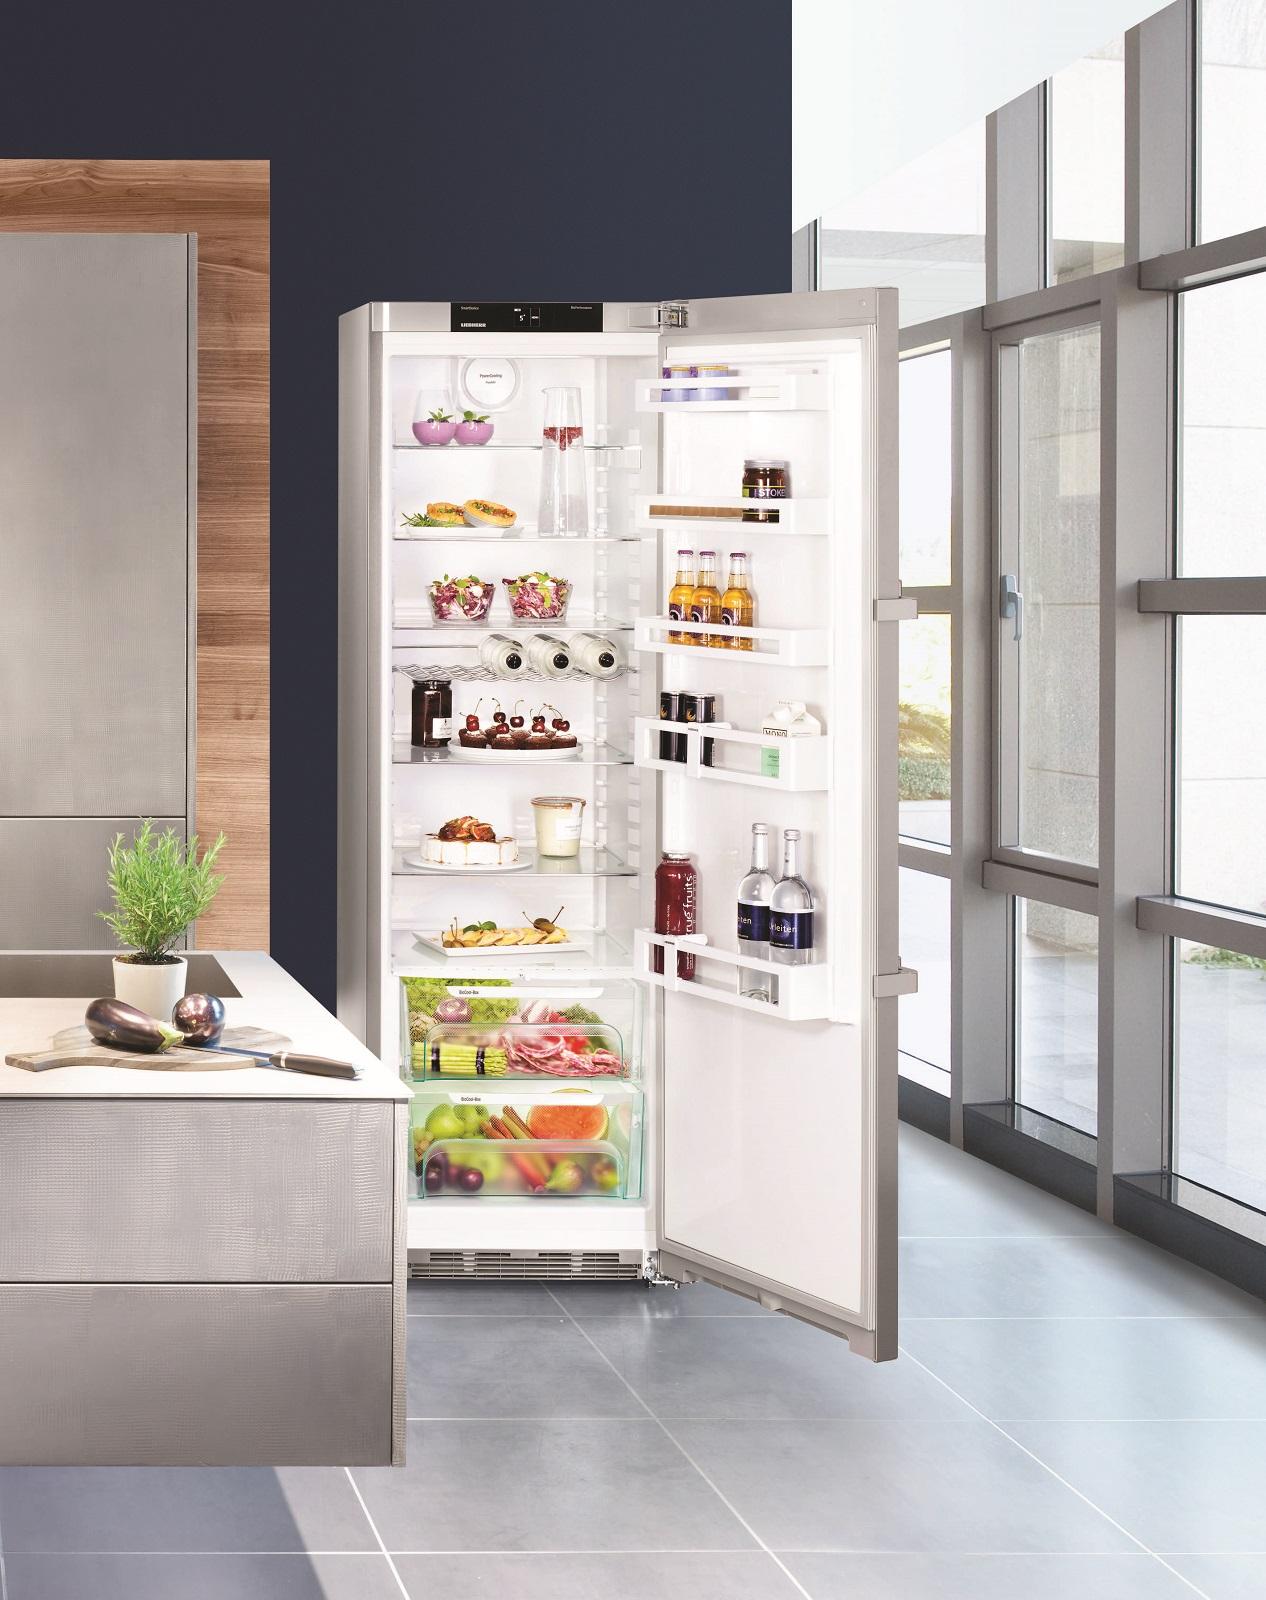 купить Однокамерный холодильник Liebherr Kef 4330 Украина фото 7